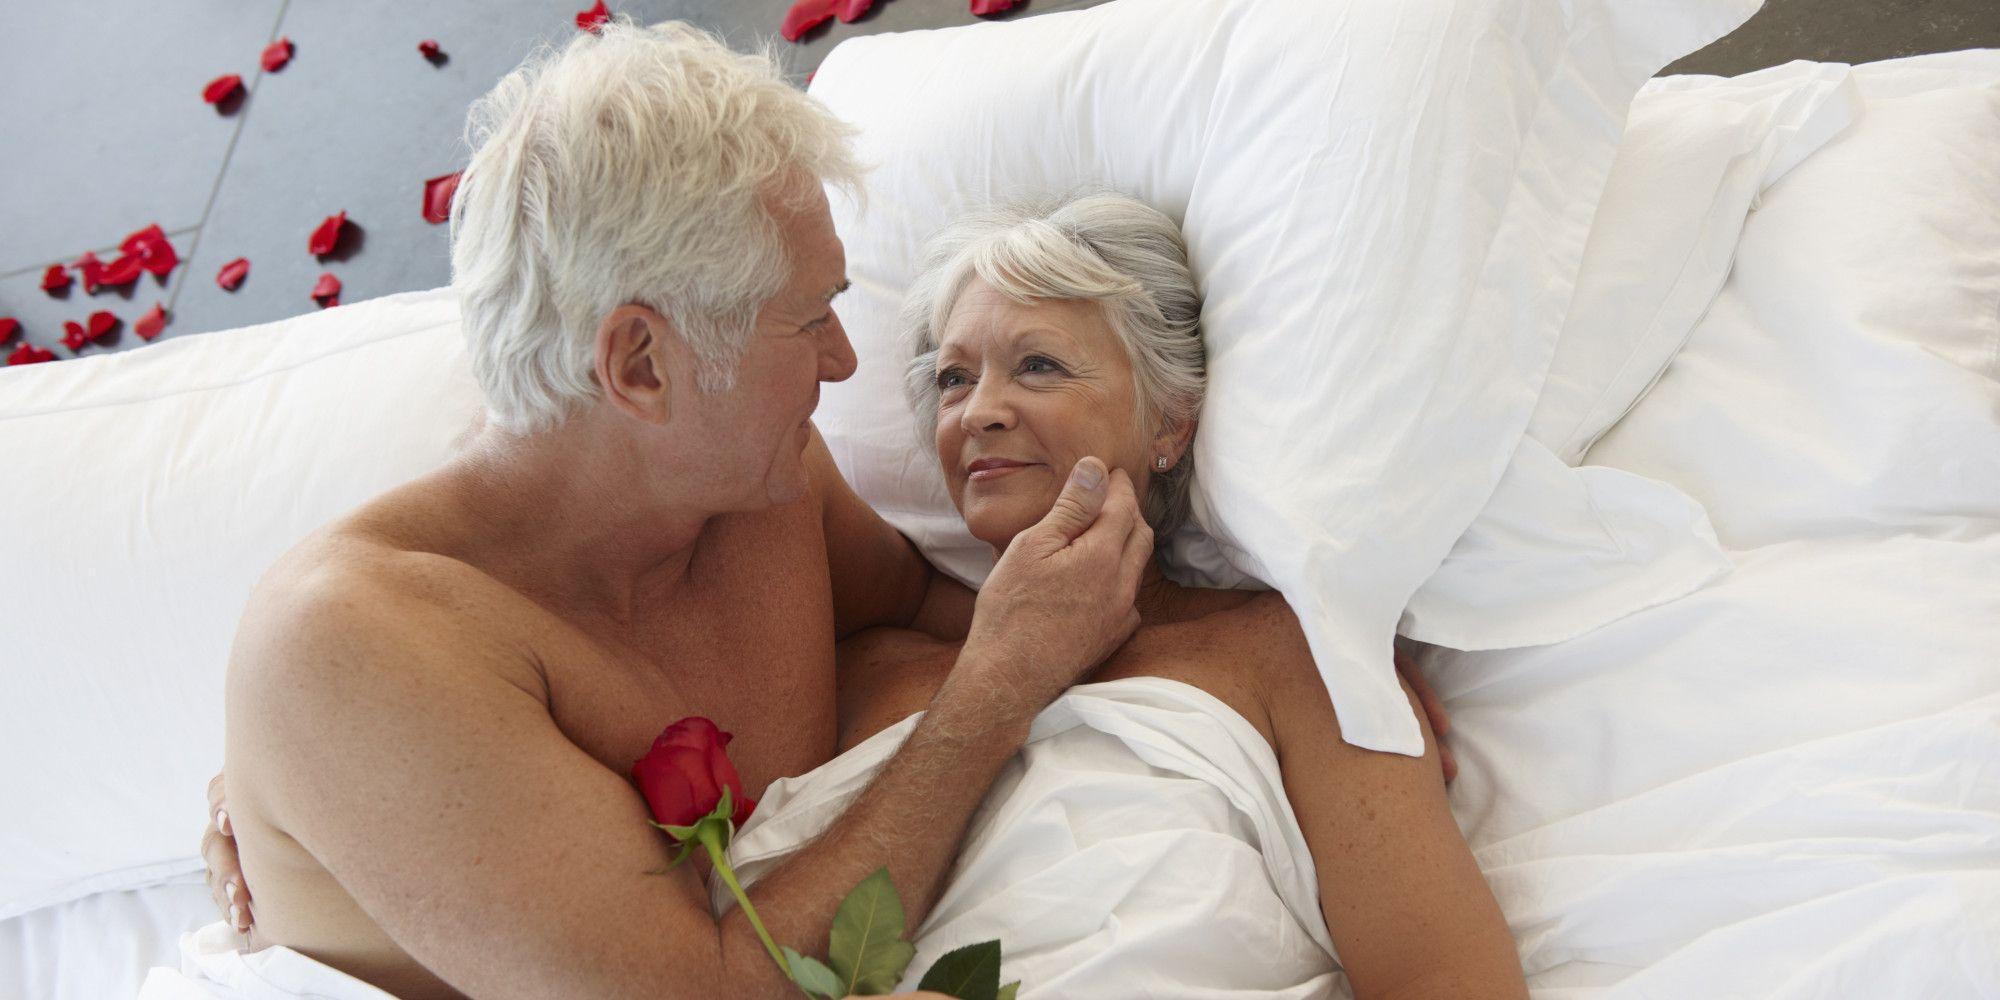 non, ménopause ne signifie pas la fin de la sexualité | couples